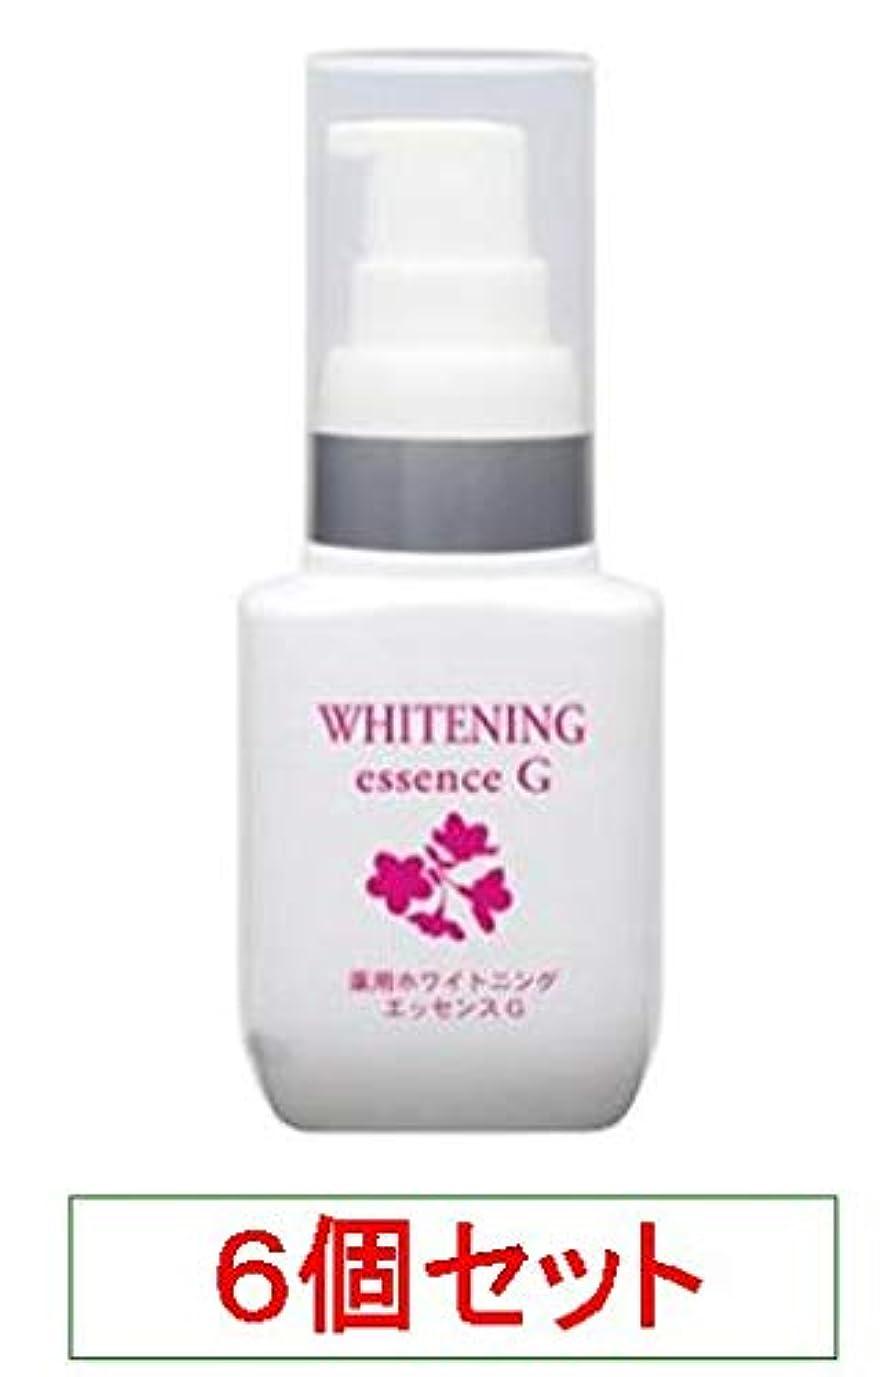 瀬戸際ぎこちない感嘆符ハイム 薬用ホワイトニングエッセンスG 薬用美白美容液 30ml 医薬部外品 X6個セット